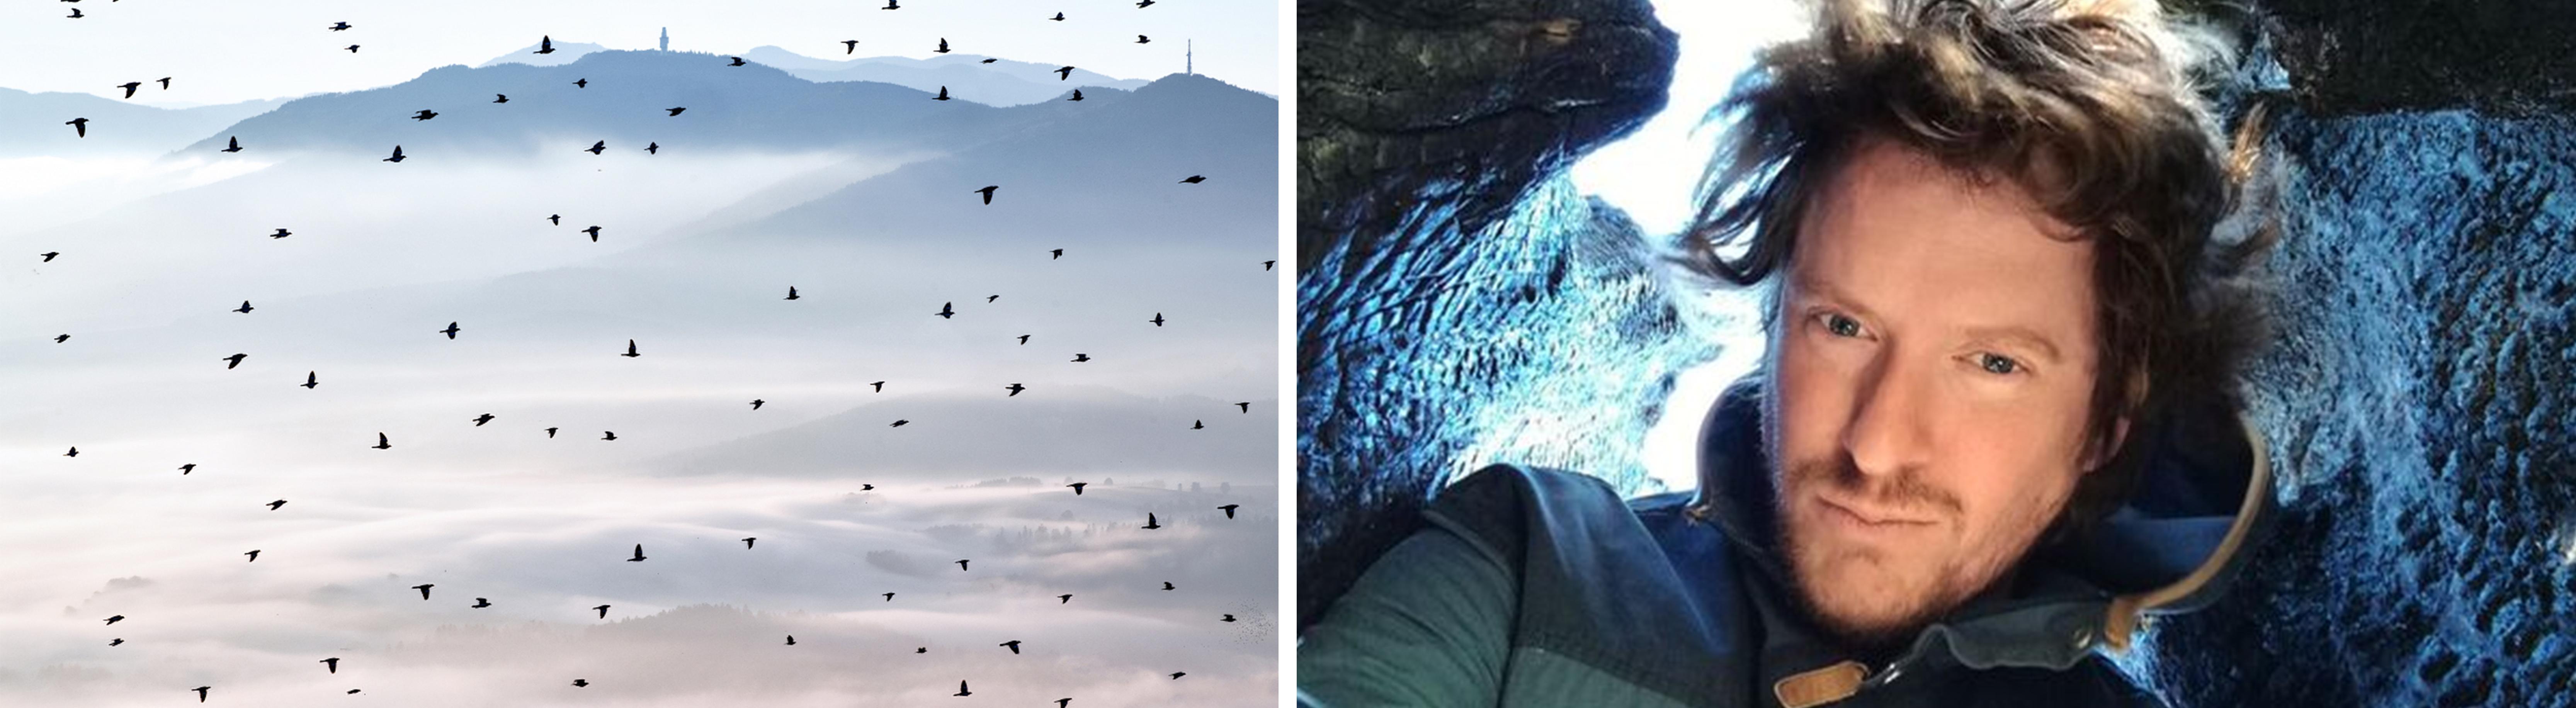 Collage: Landschaftsaufnahme mit Vögeln | Portrait des Fotografen Kilian Schönberger